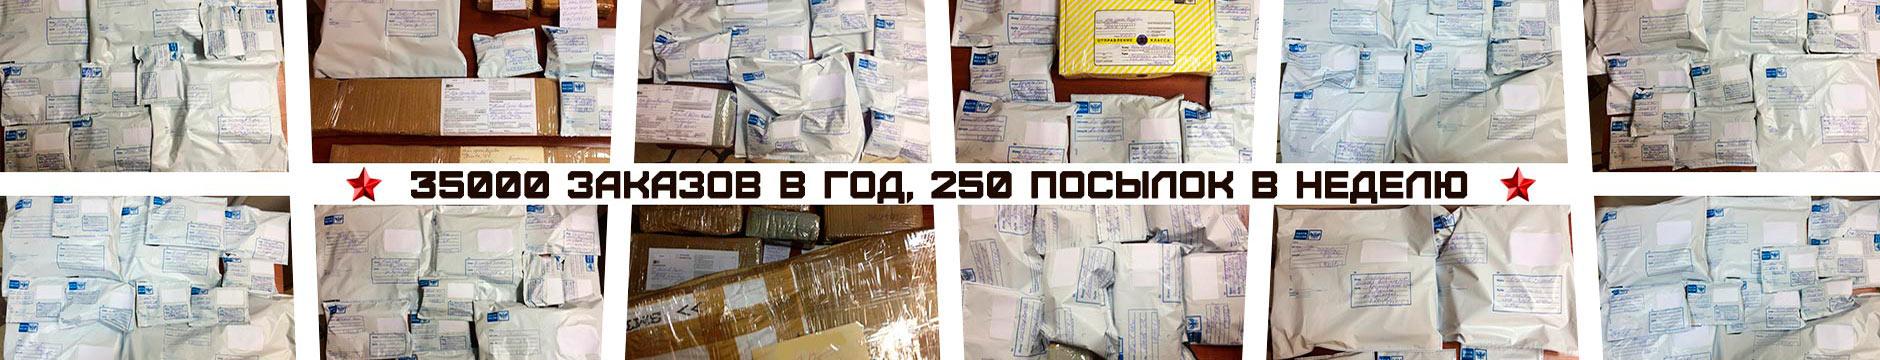 Отправка посылок